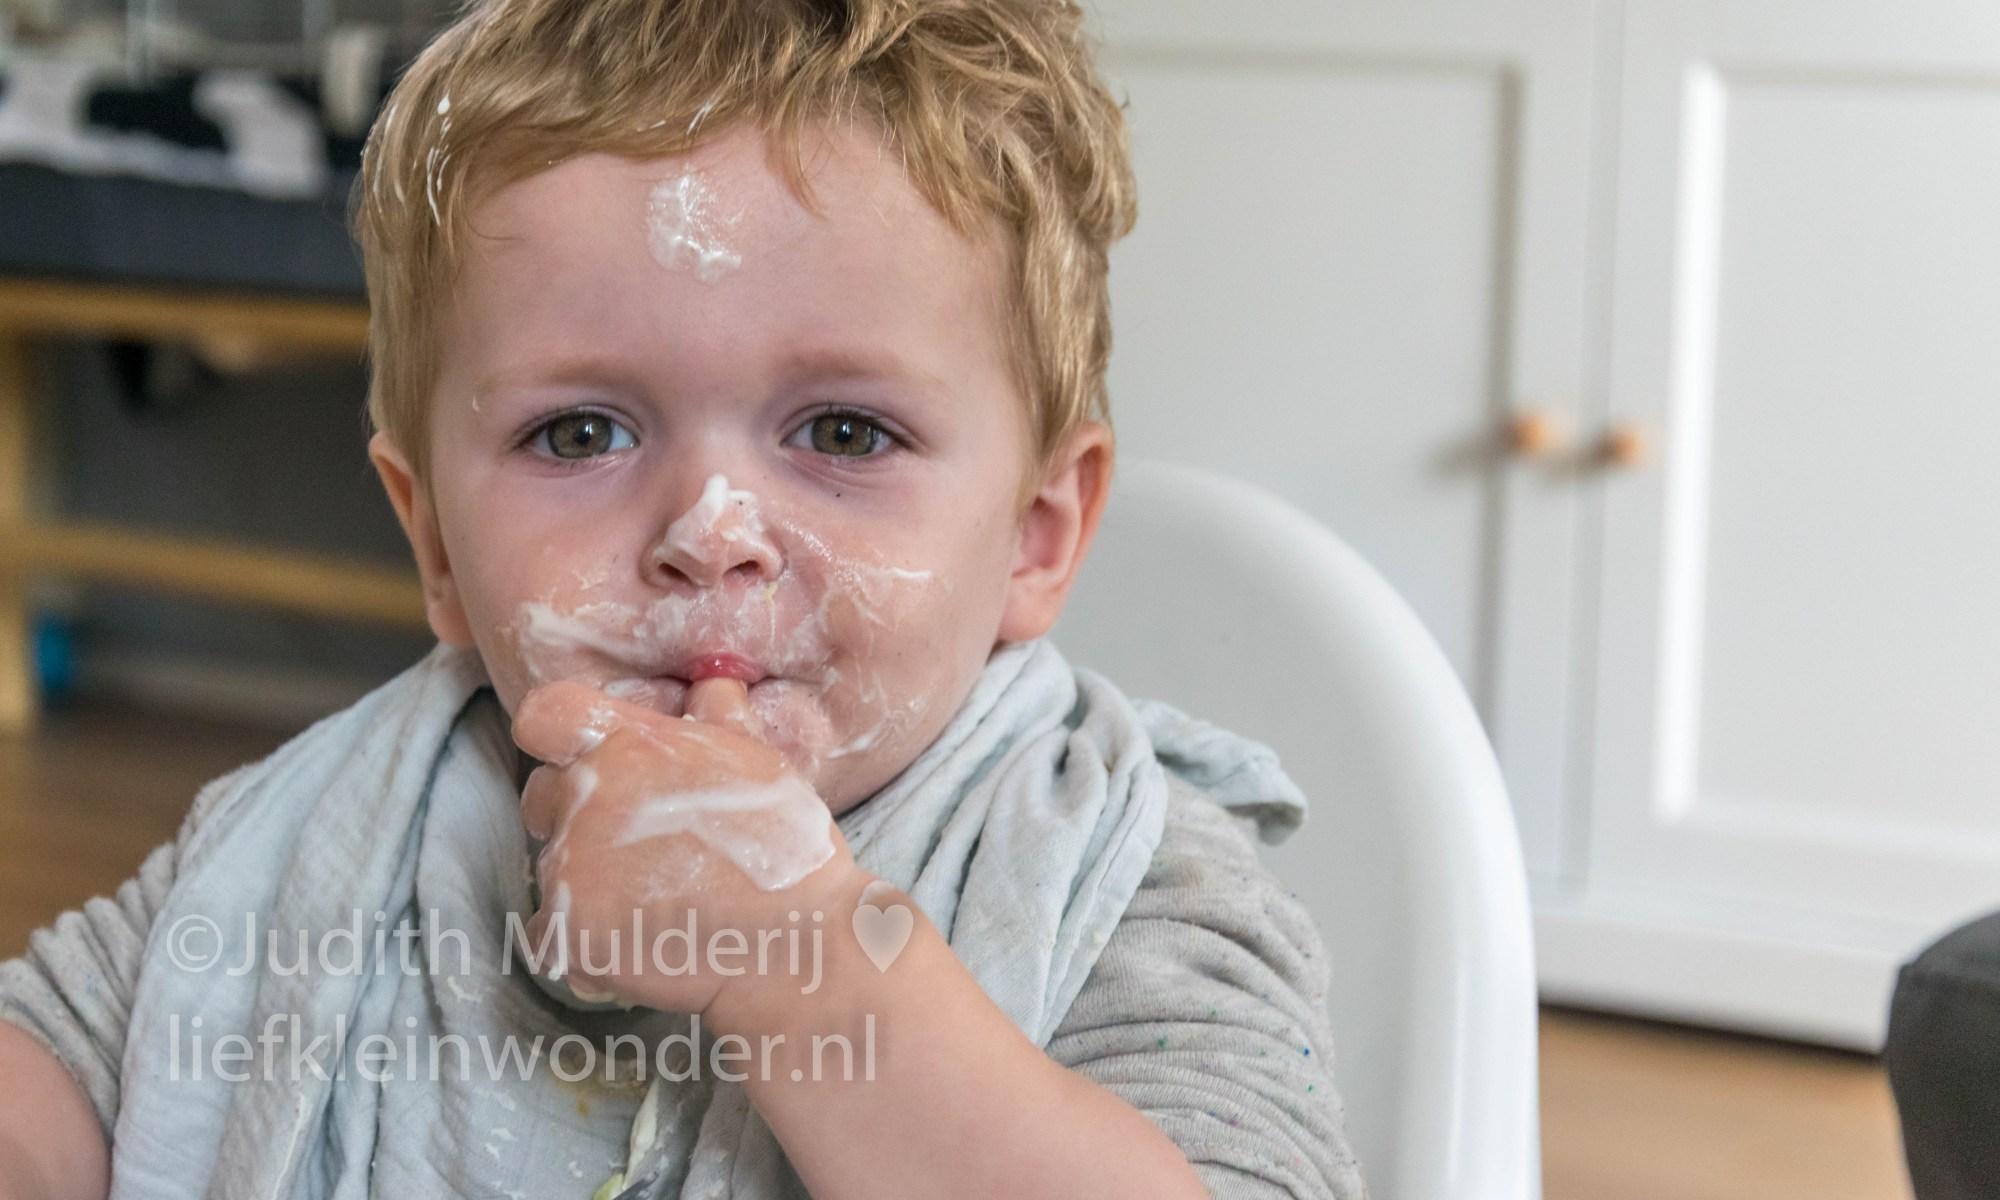 Jayden 21 maanden oud peuter dreumes mamablog - GEen tafelmanieren meer